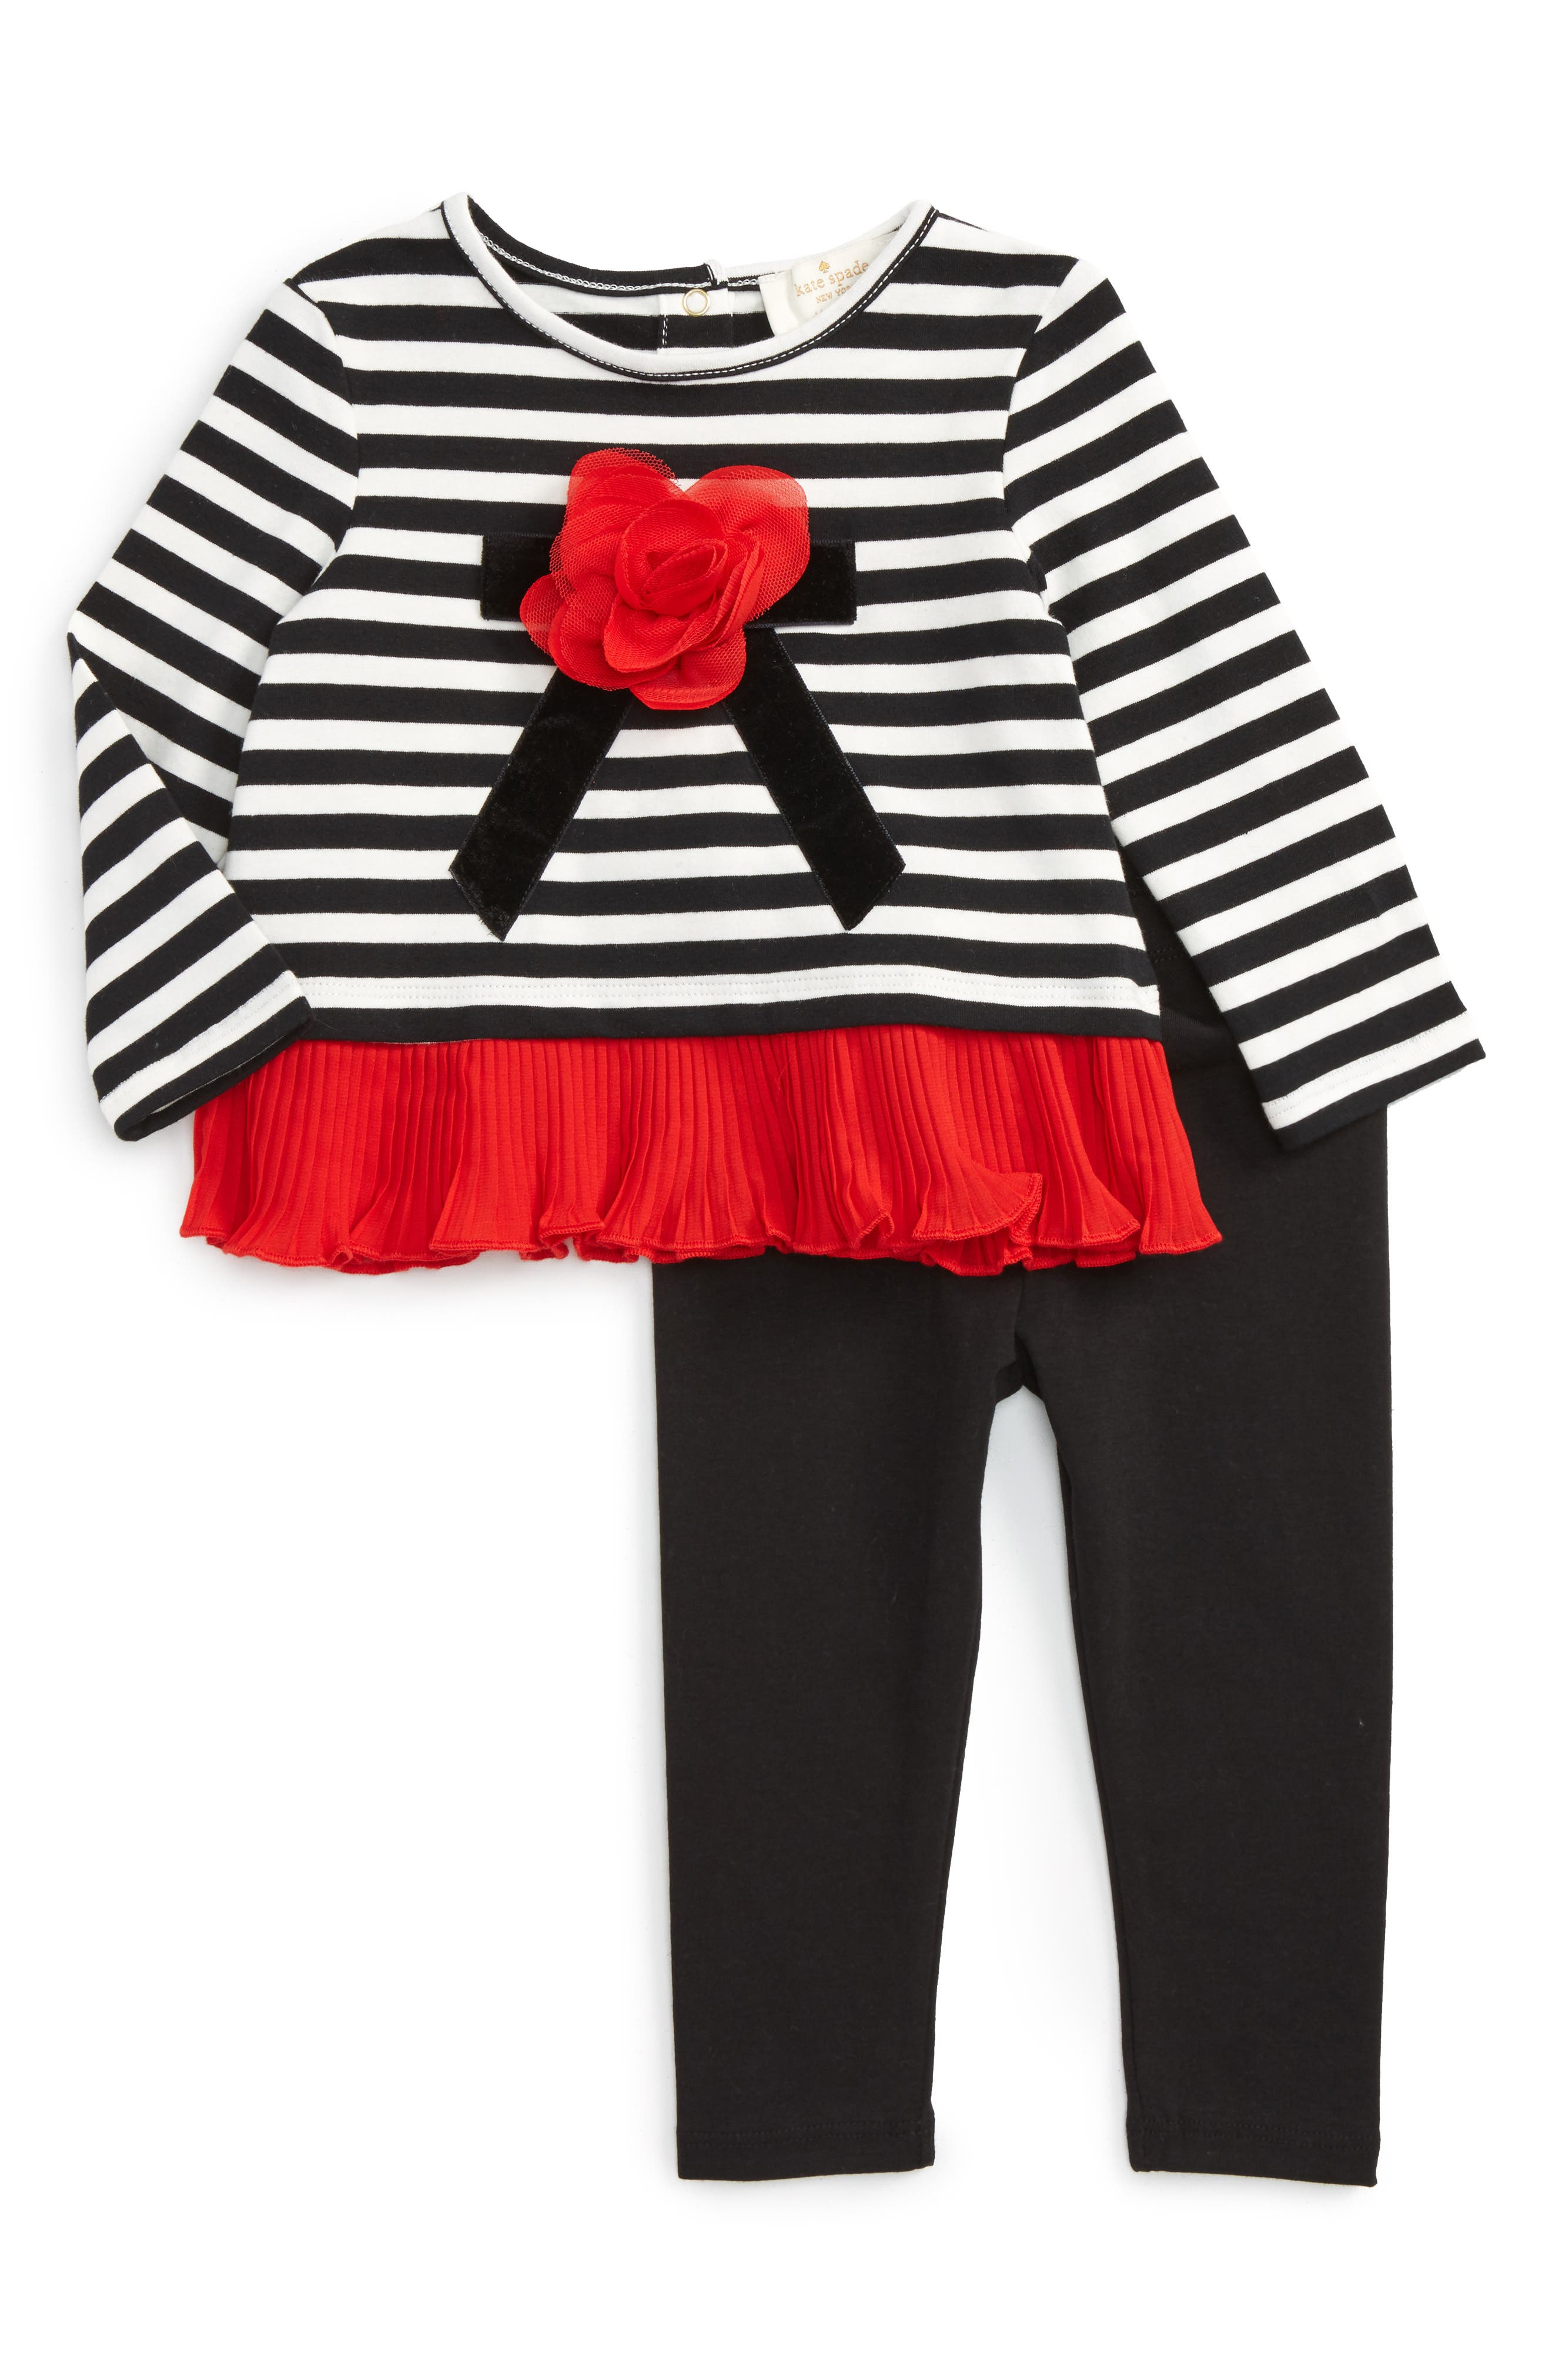 kate spade new york rosette top & leggings set (Baby Girls)